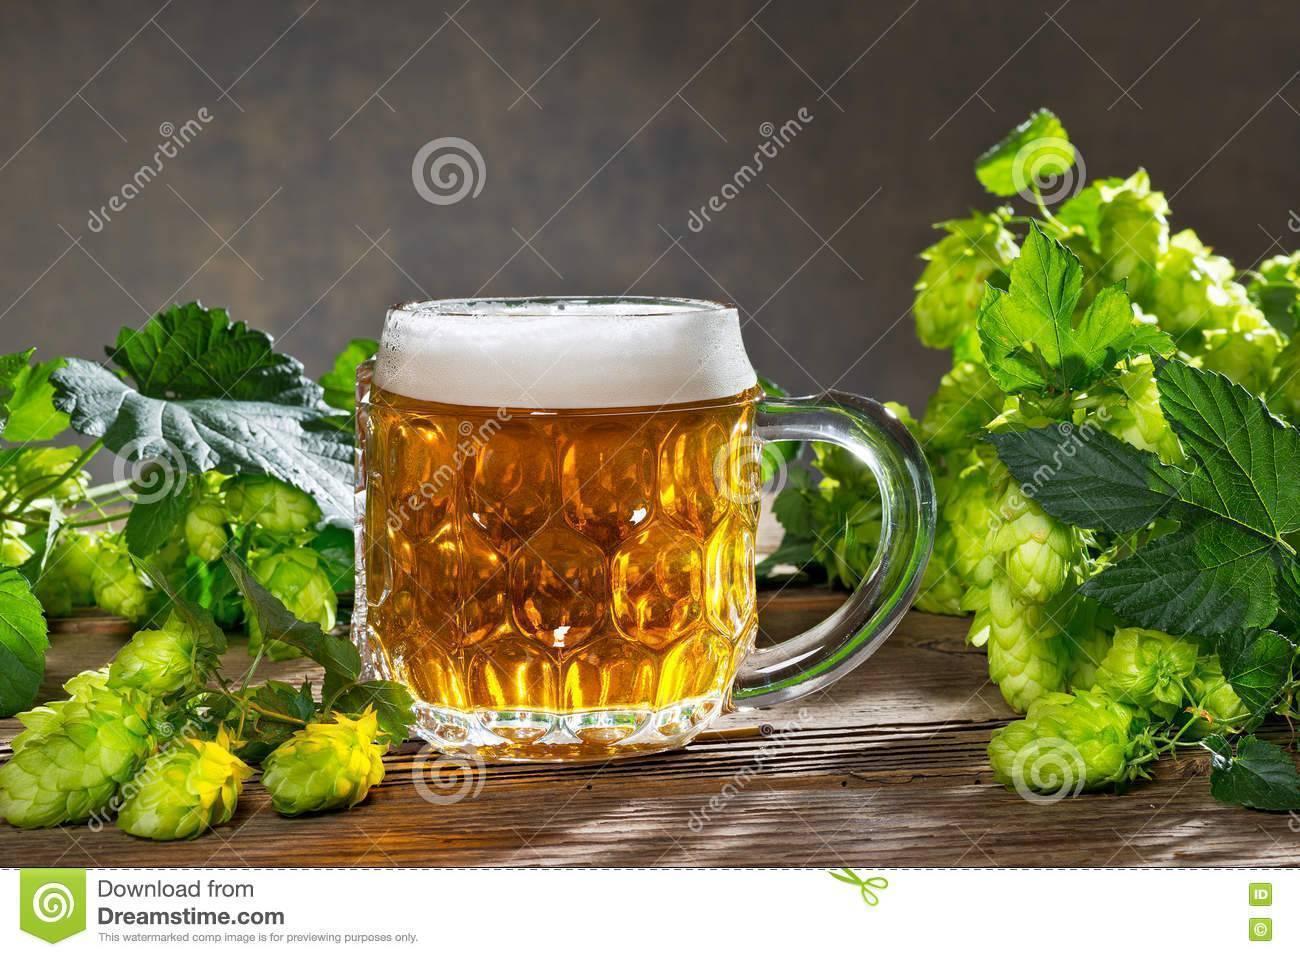 Выбираем ингредиенты для домашнего пива